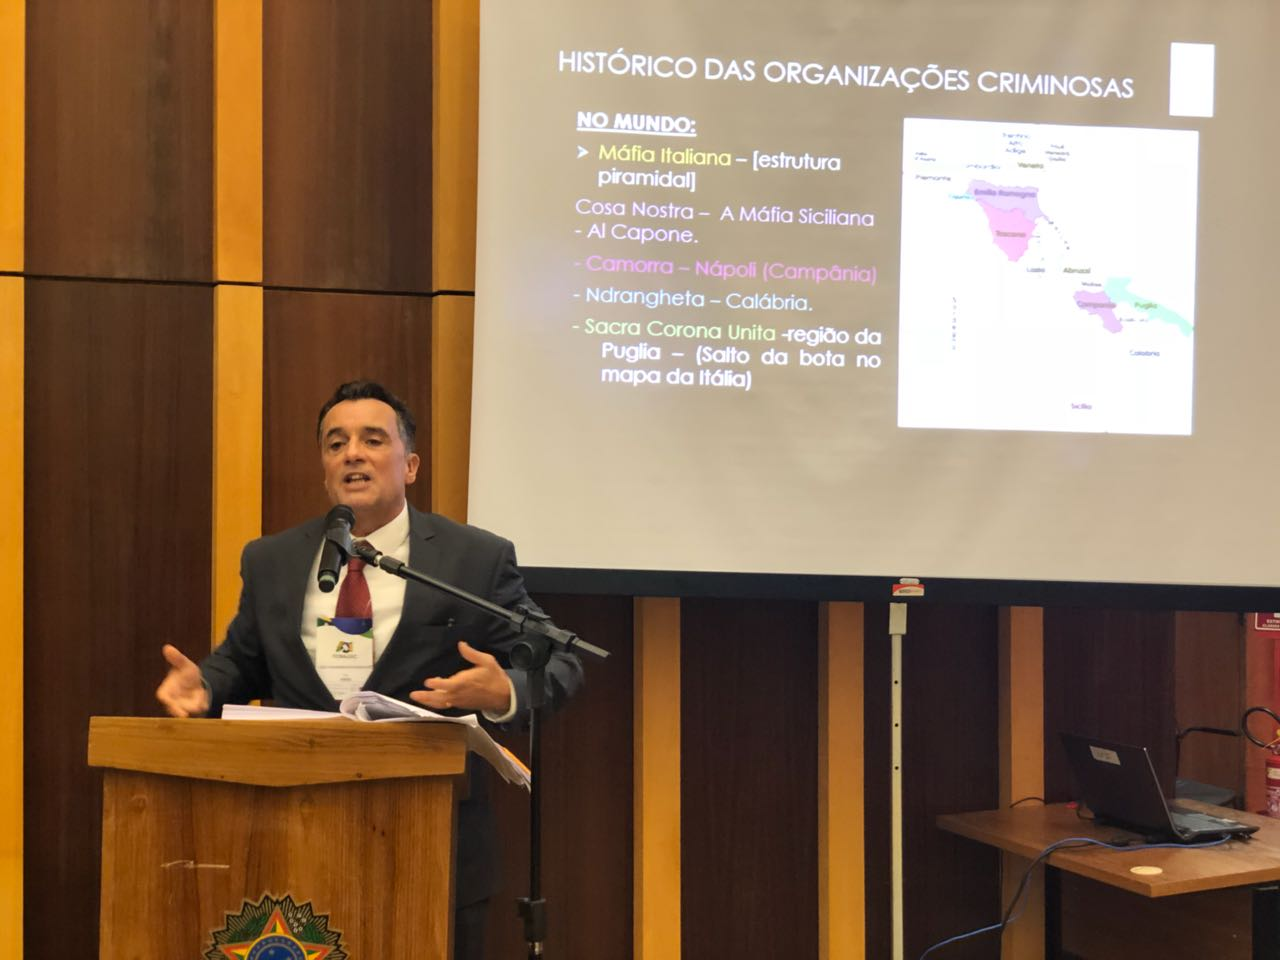 Diretor-geral da EMAP fala sobre crime organizado durante painel no encontro do FONAJUC